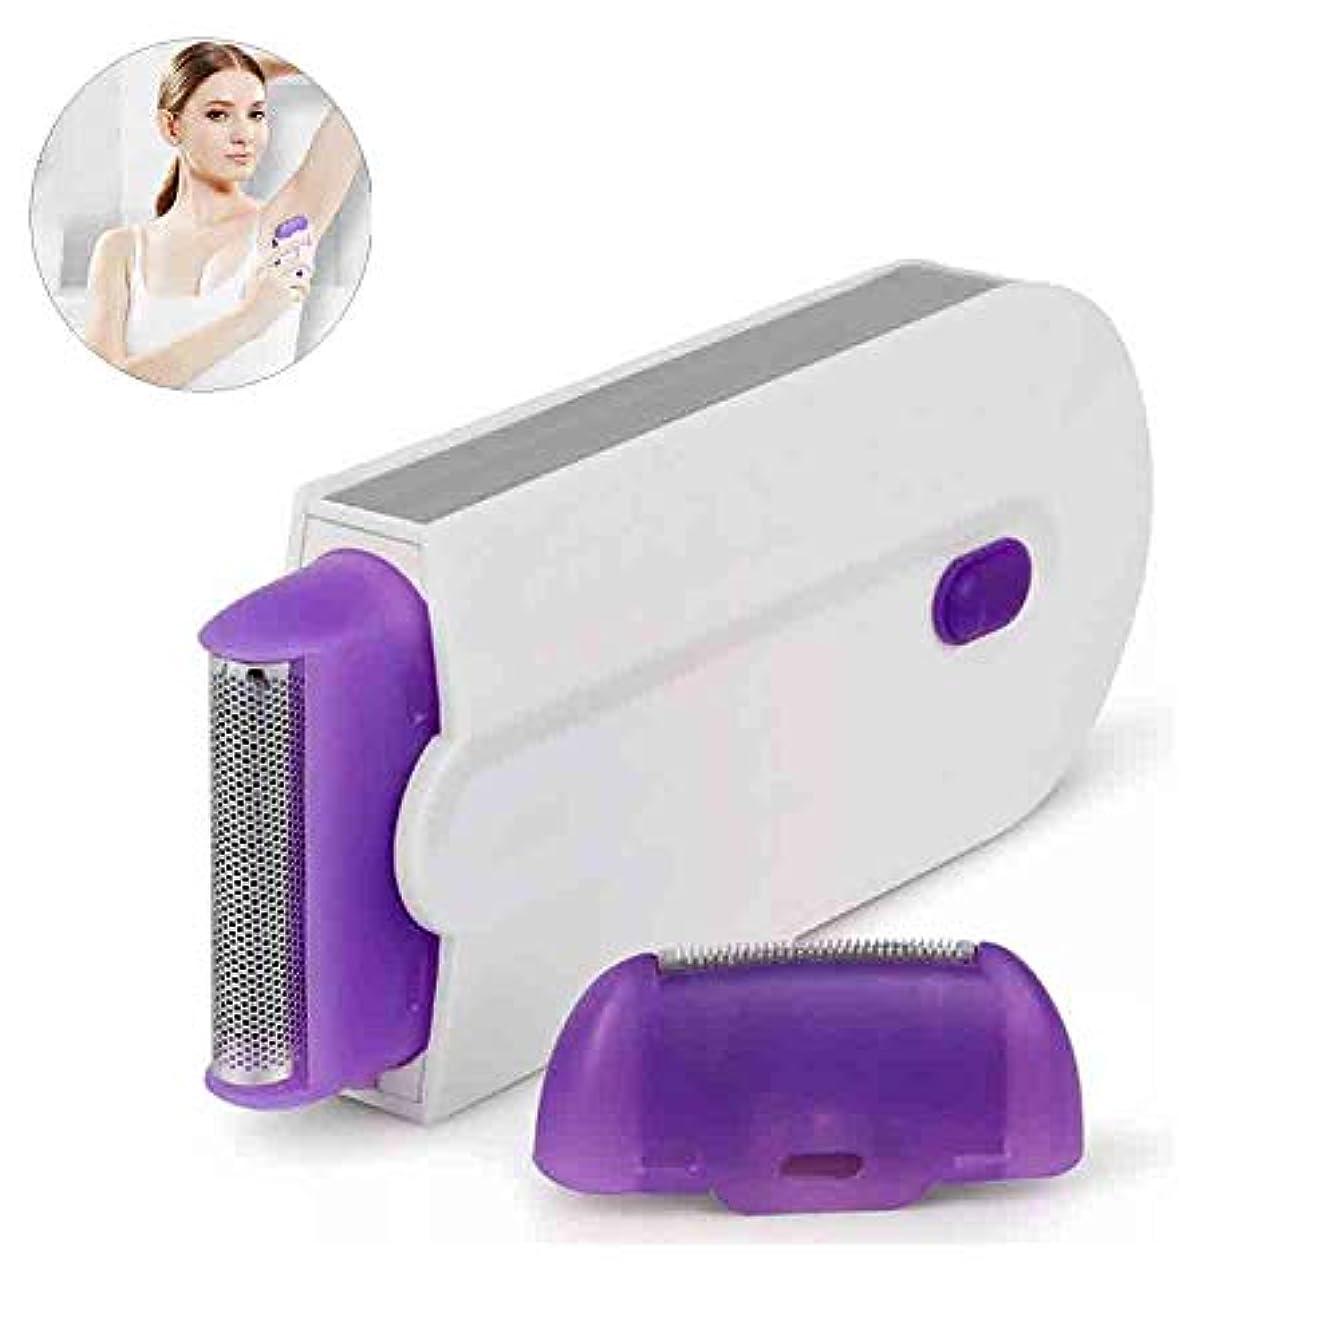 もライナーわな電気シェーバー、USB 充電誘導の女性の摘採装置、レーザー脱毛